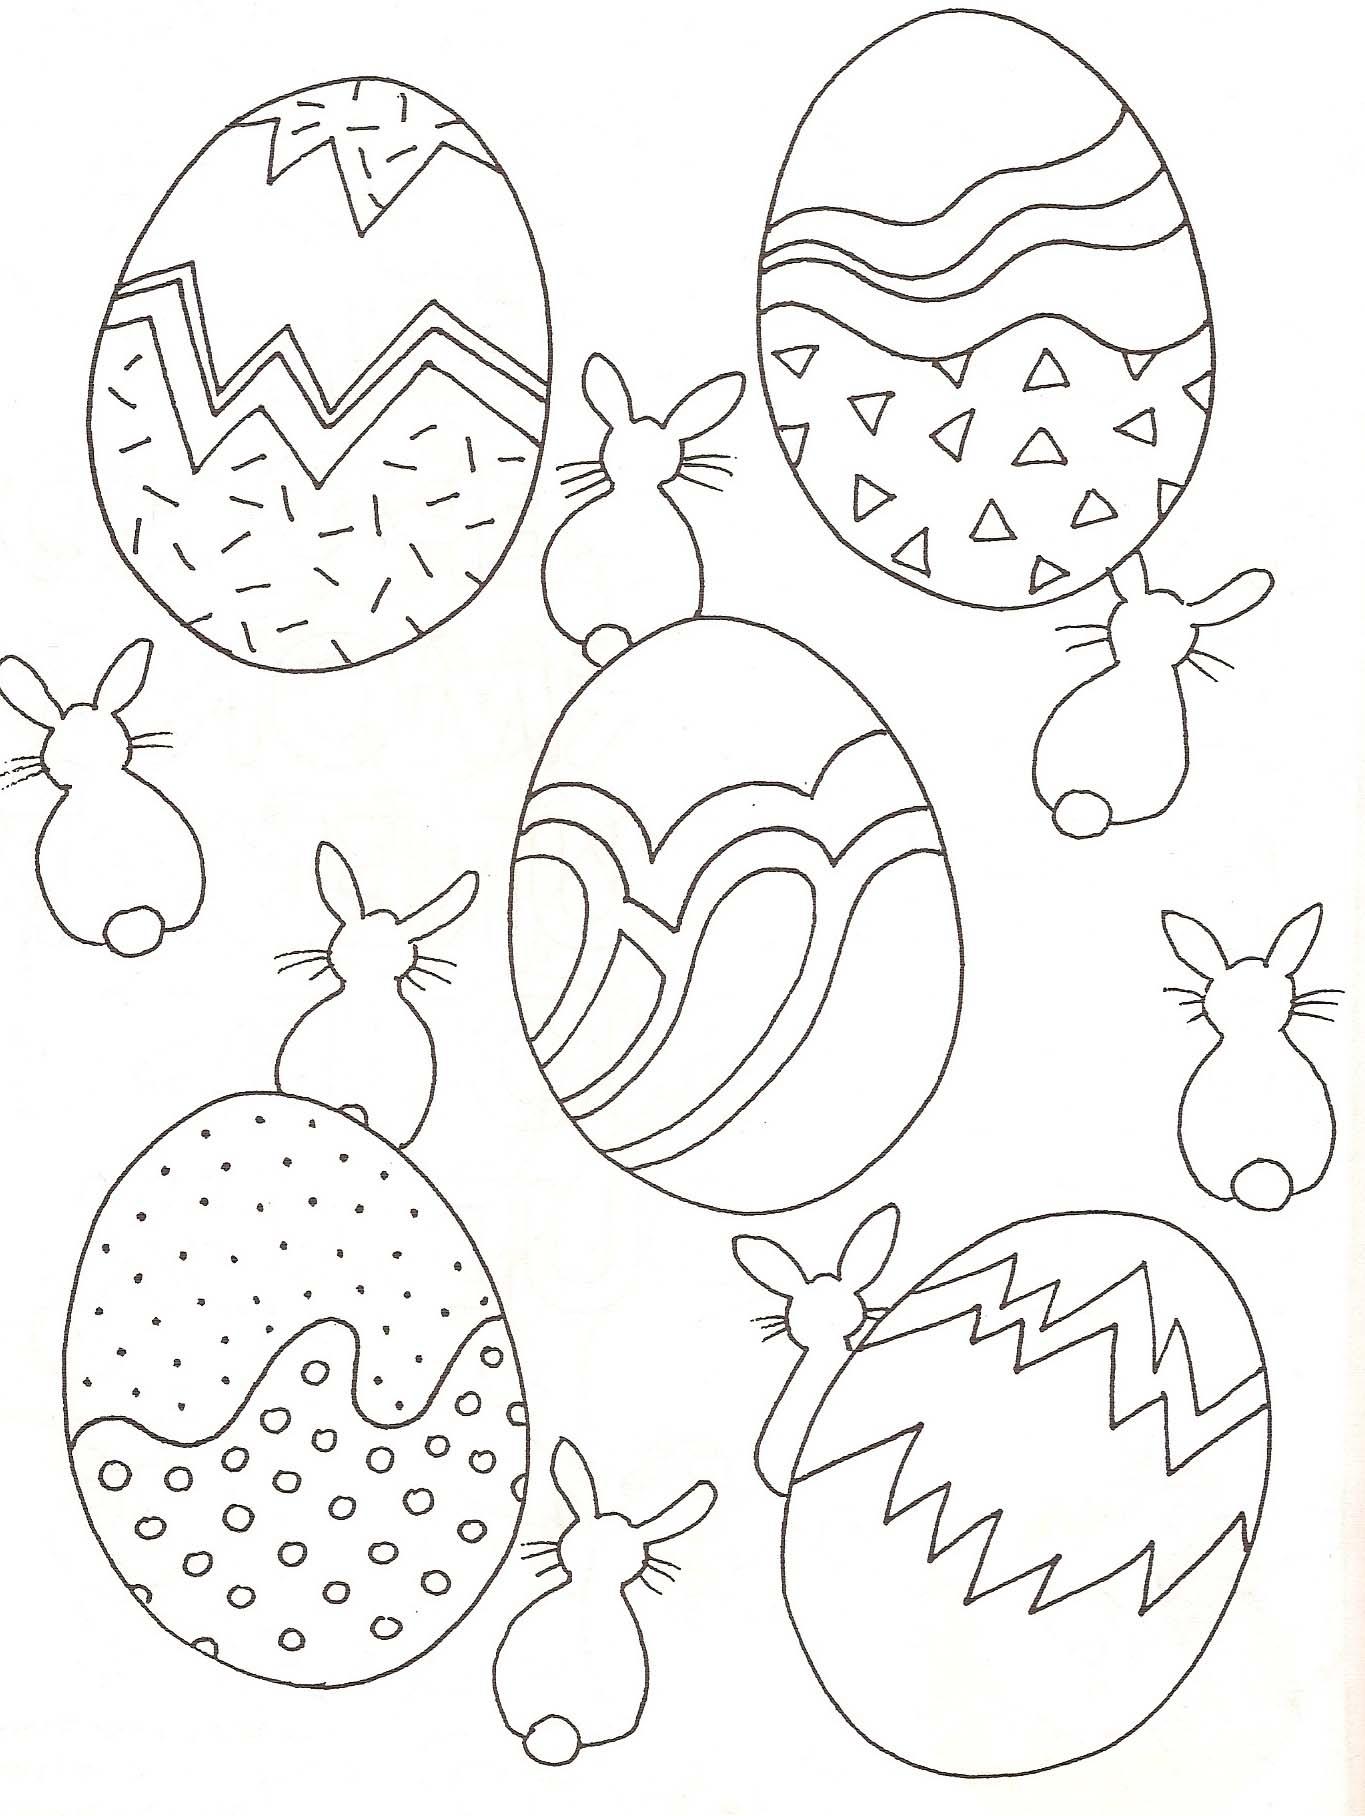 Encore un joli dessin d'oeufs de Pâques